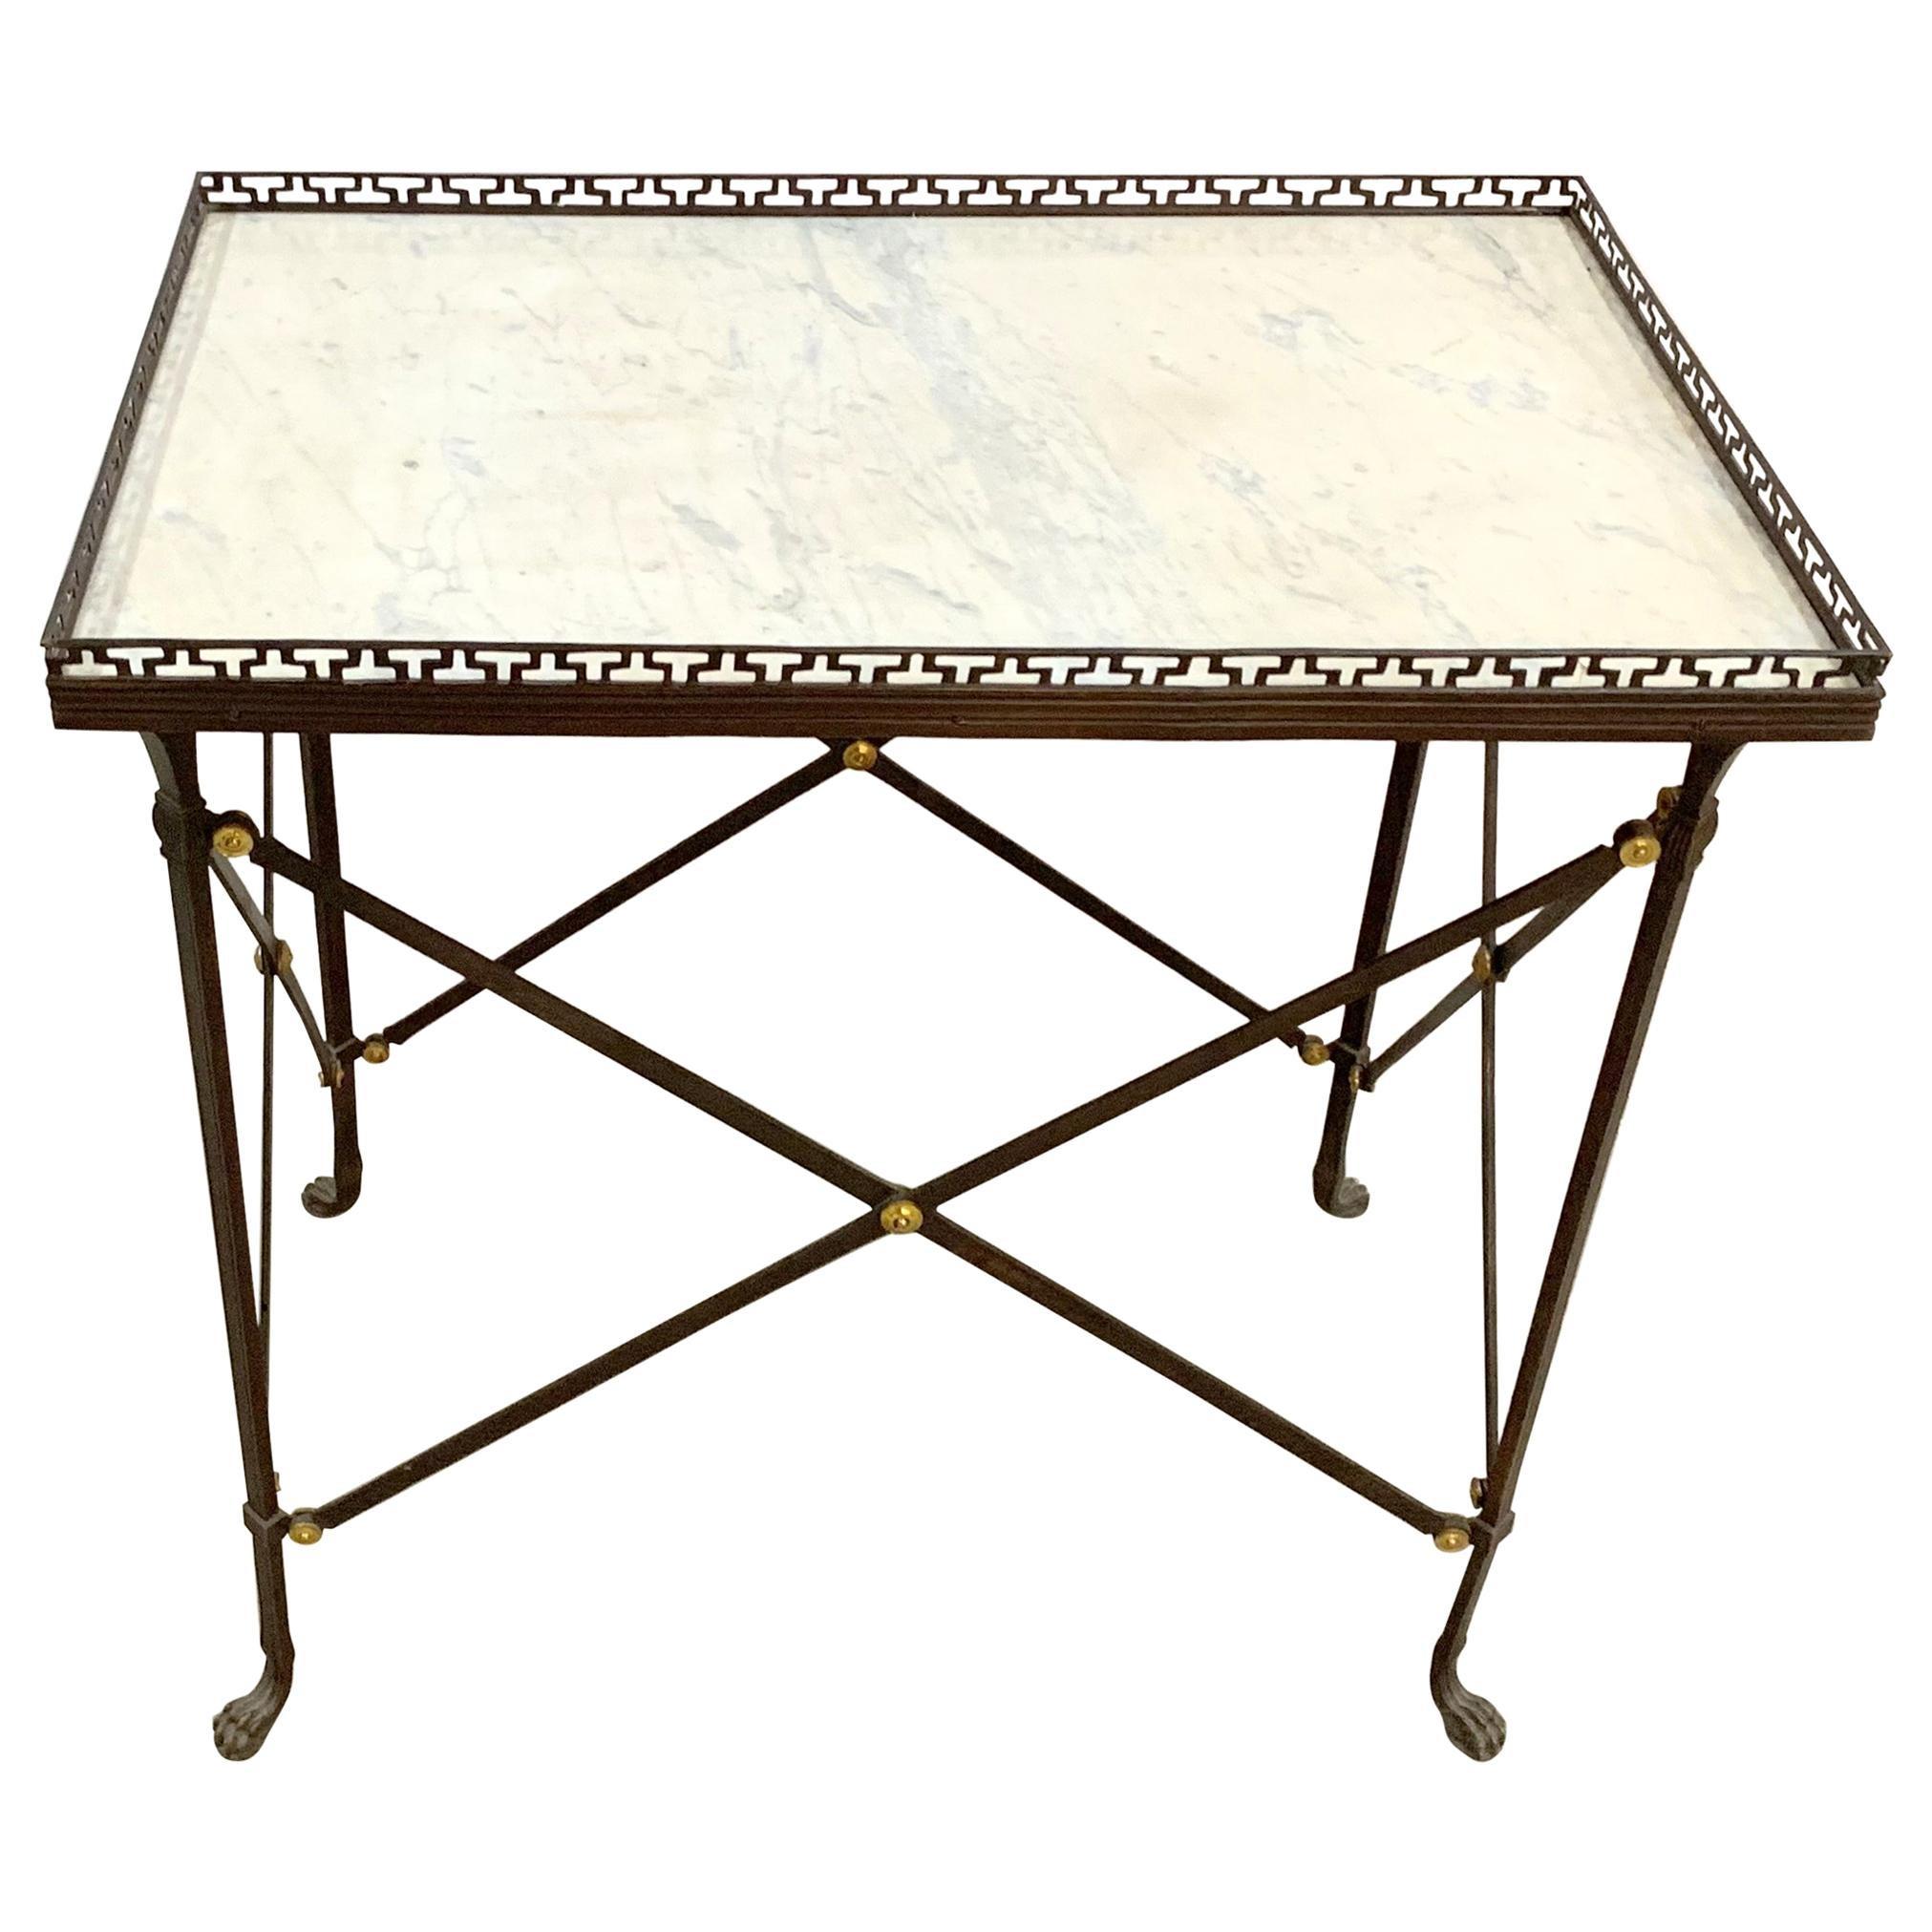 Regency French Ormolu Bronze Marble Top Gallery Gueridon Side Table Paw Feet